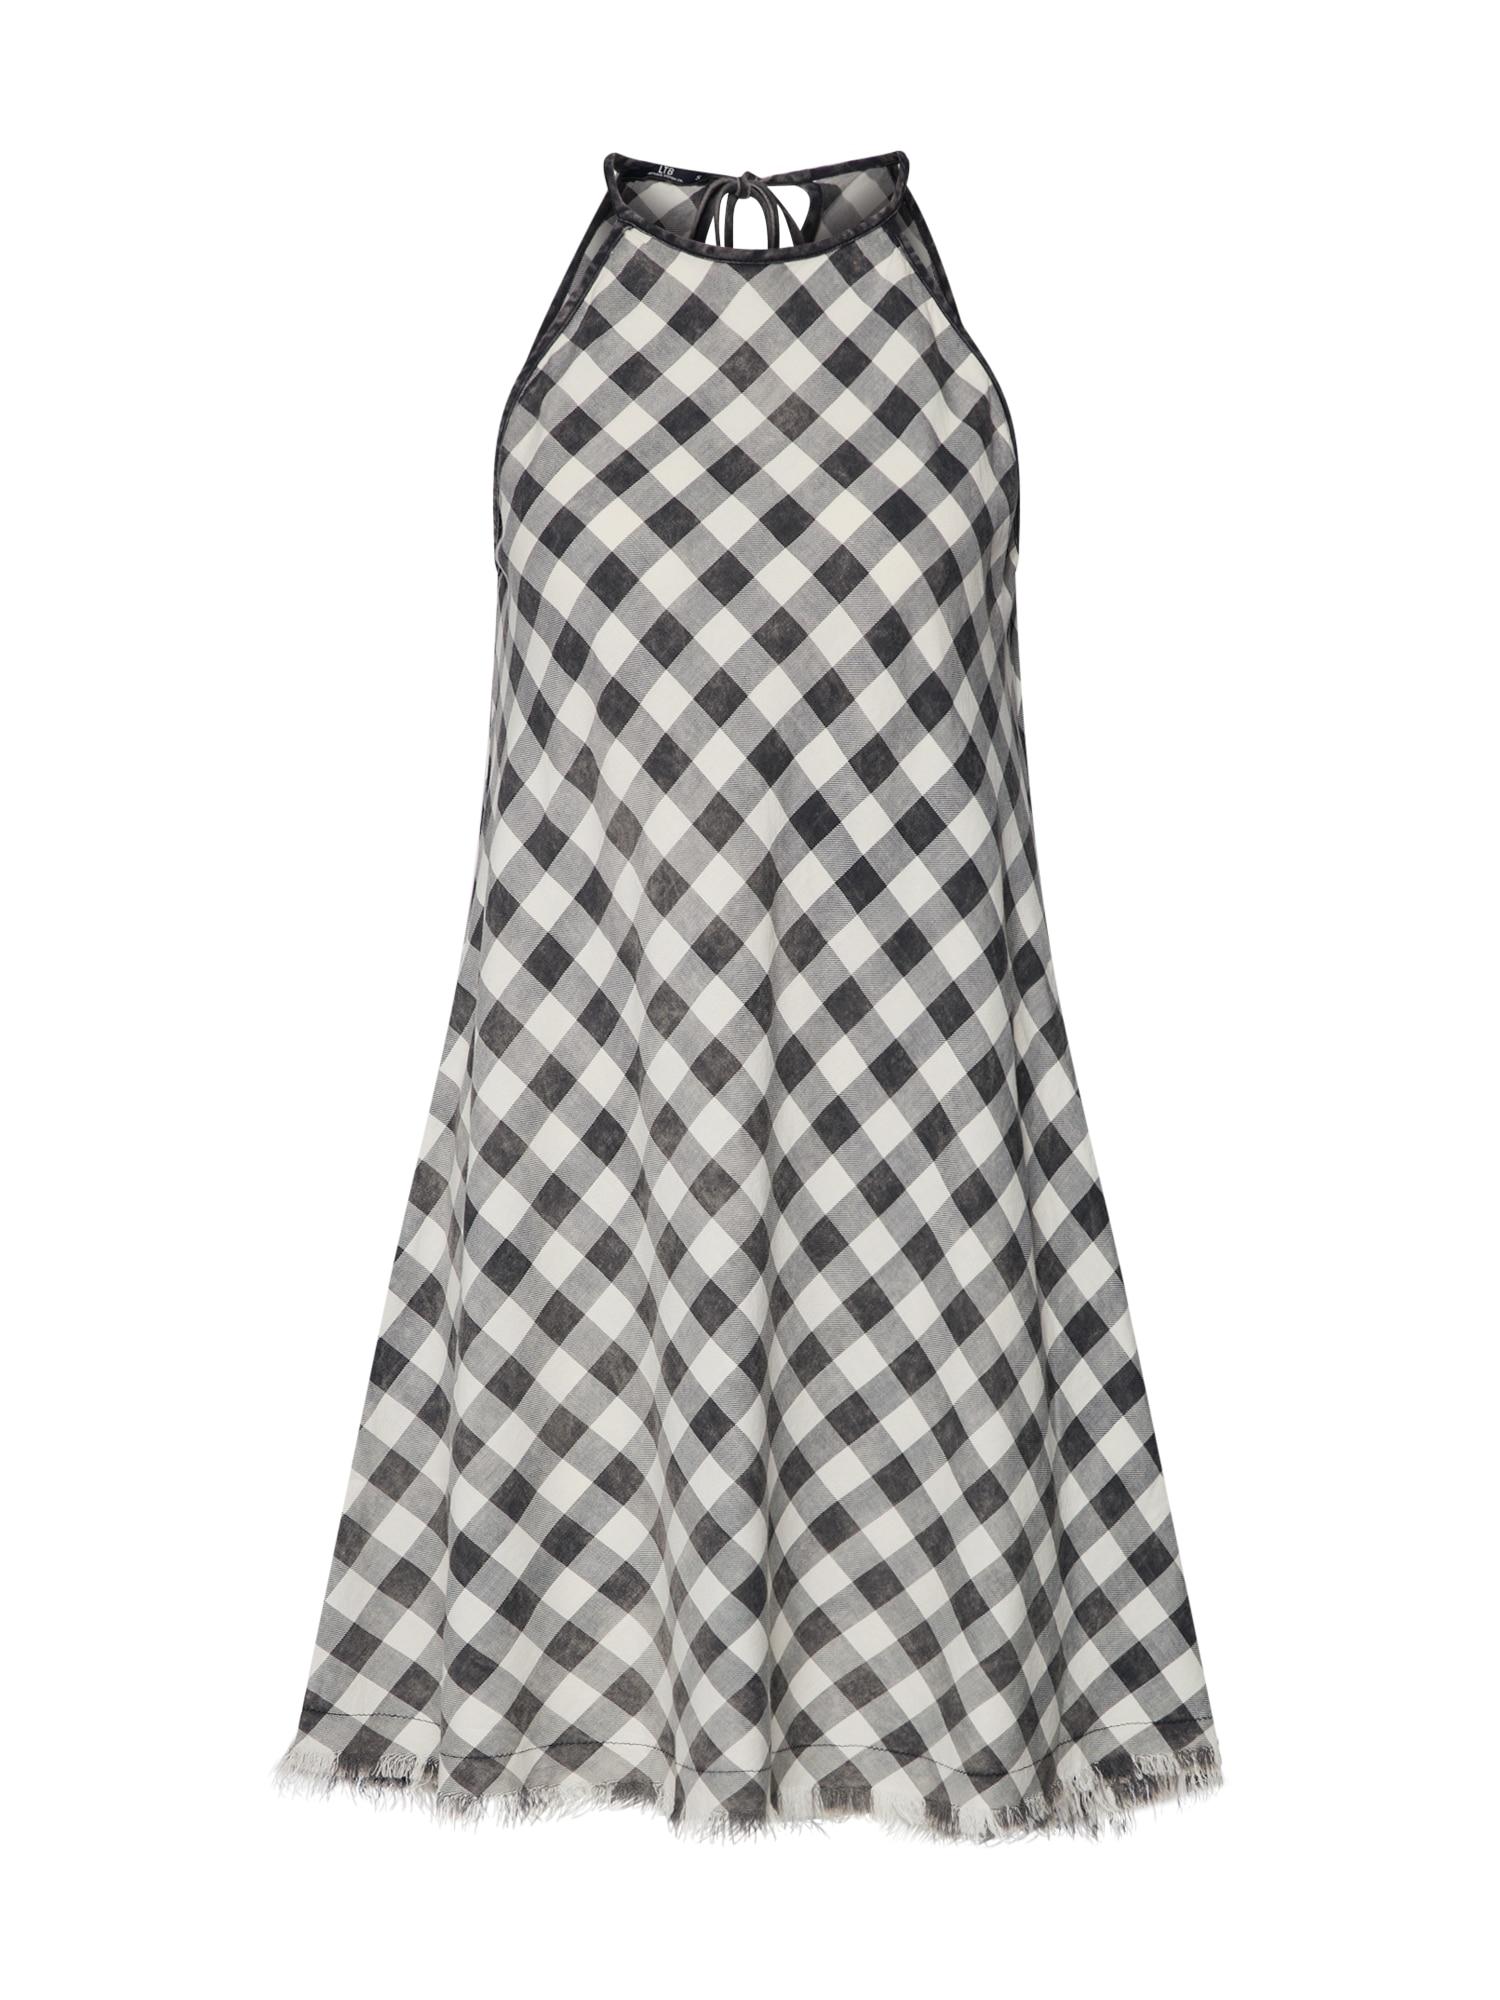 Letní šaty Yumia černá bílá LTB